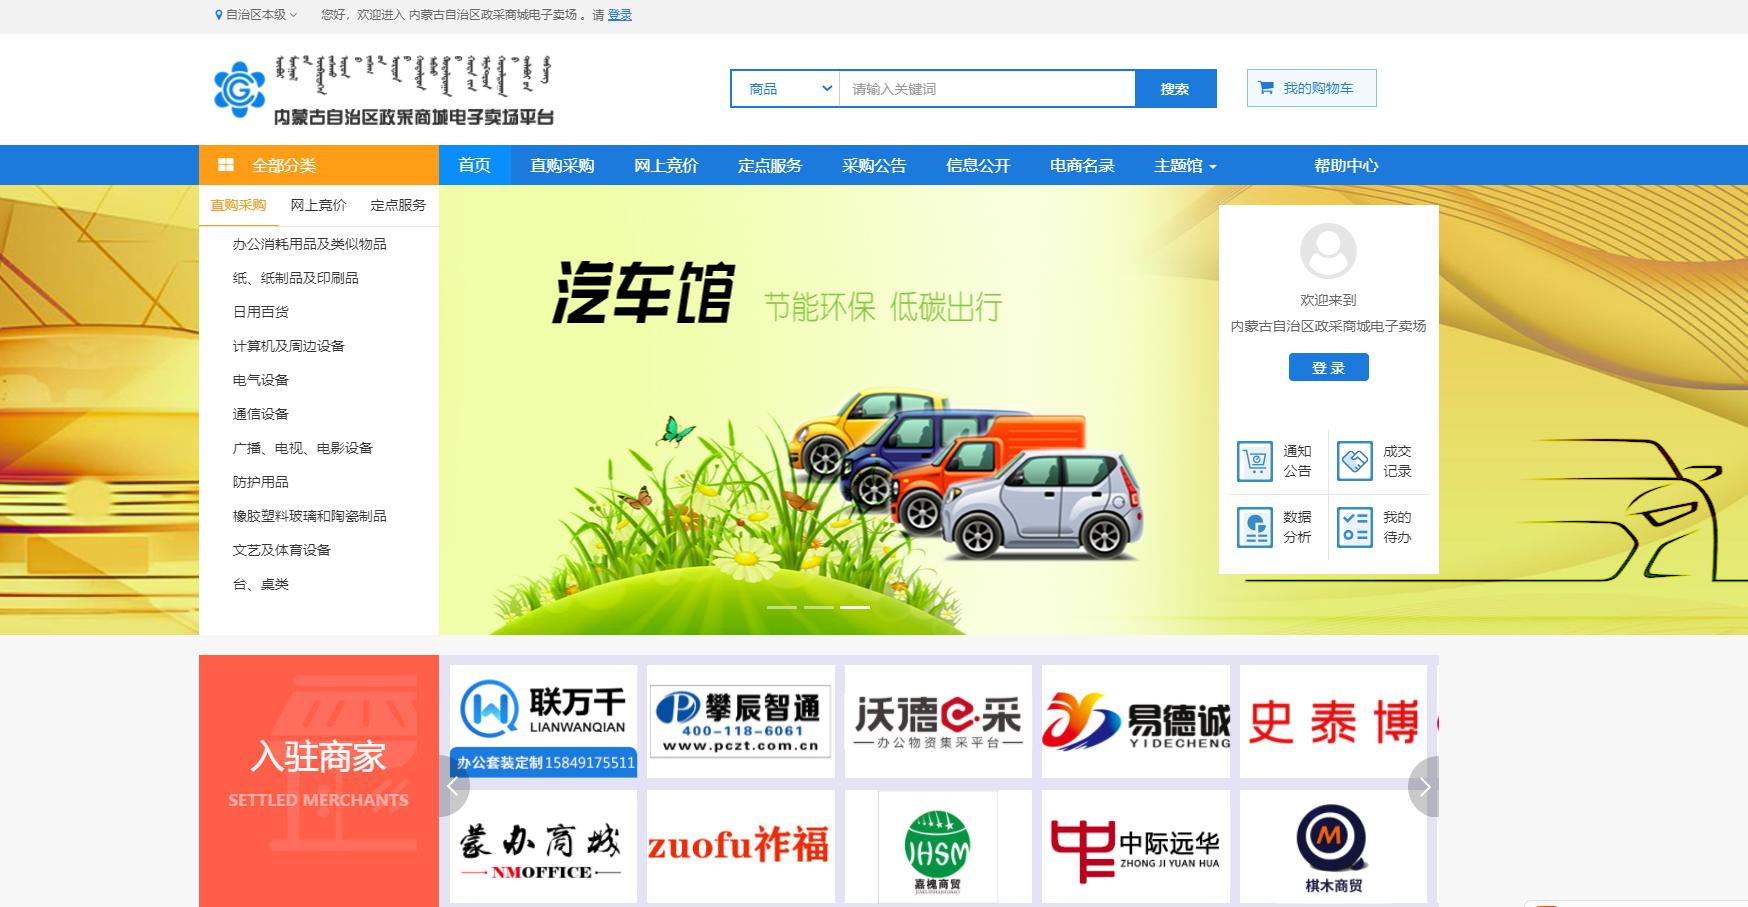 入围/注册内蒙古政采电子卖场的企业还来得及入驻吗?